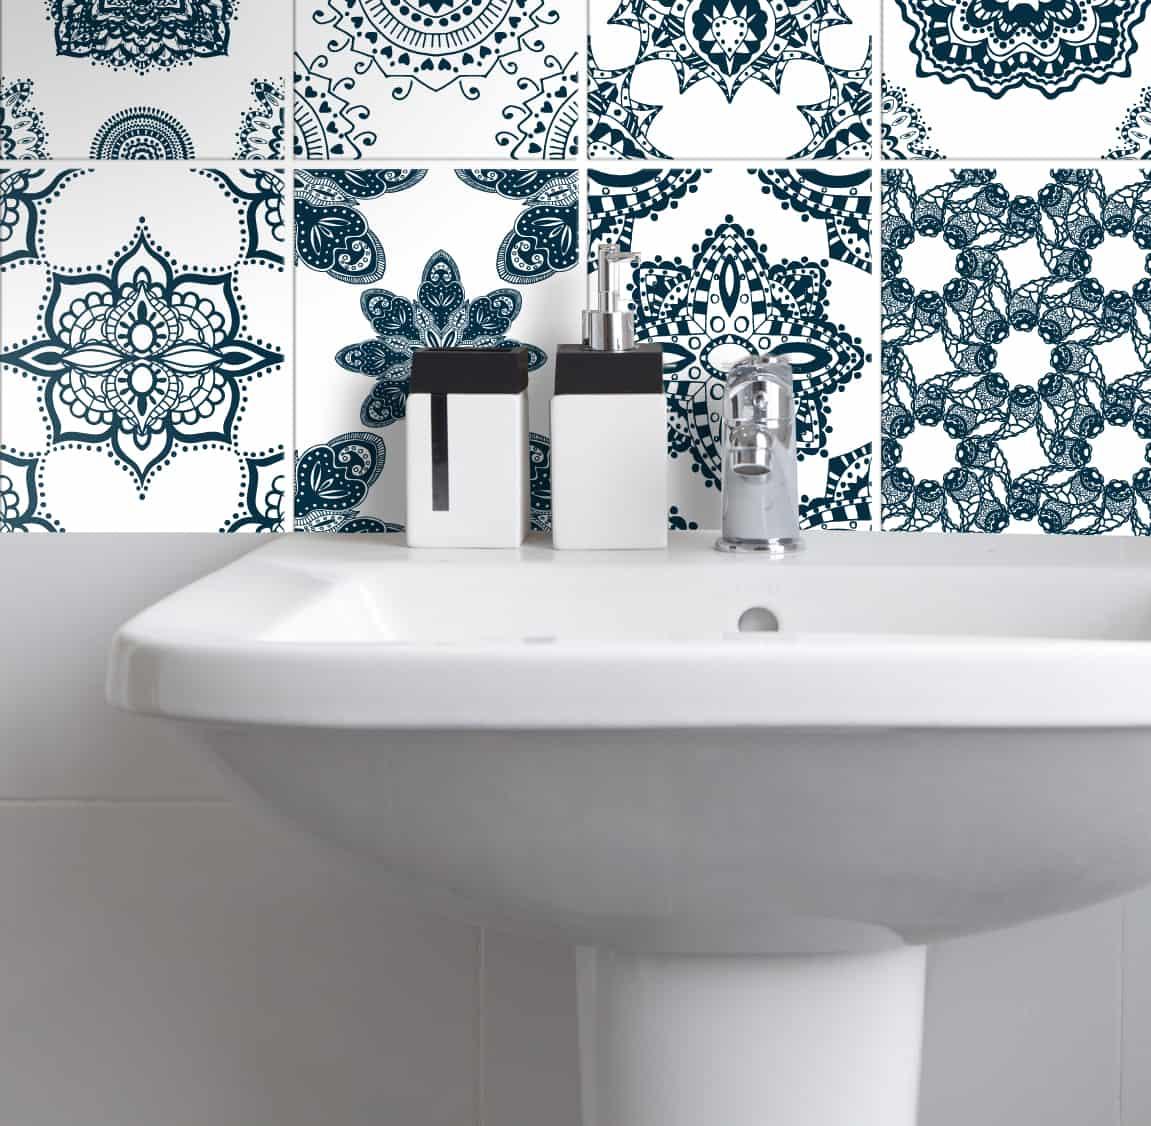 Fliesenaufkleber für Küche und Badezimmer – Spanisch – Wunderwand